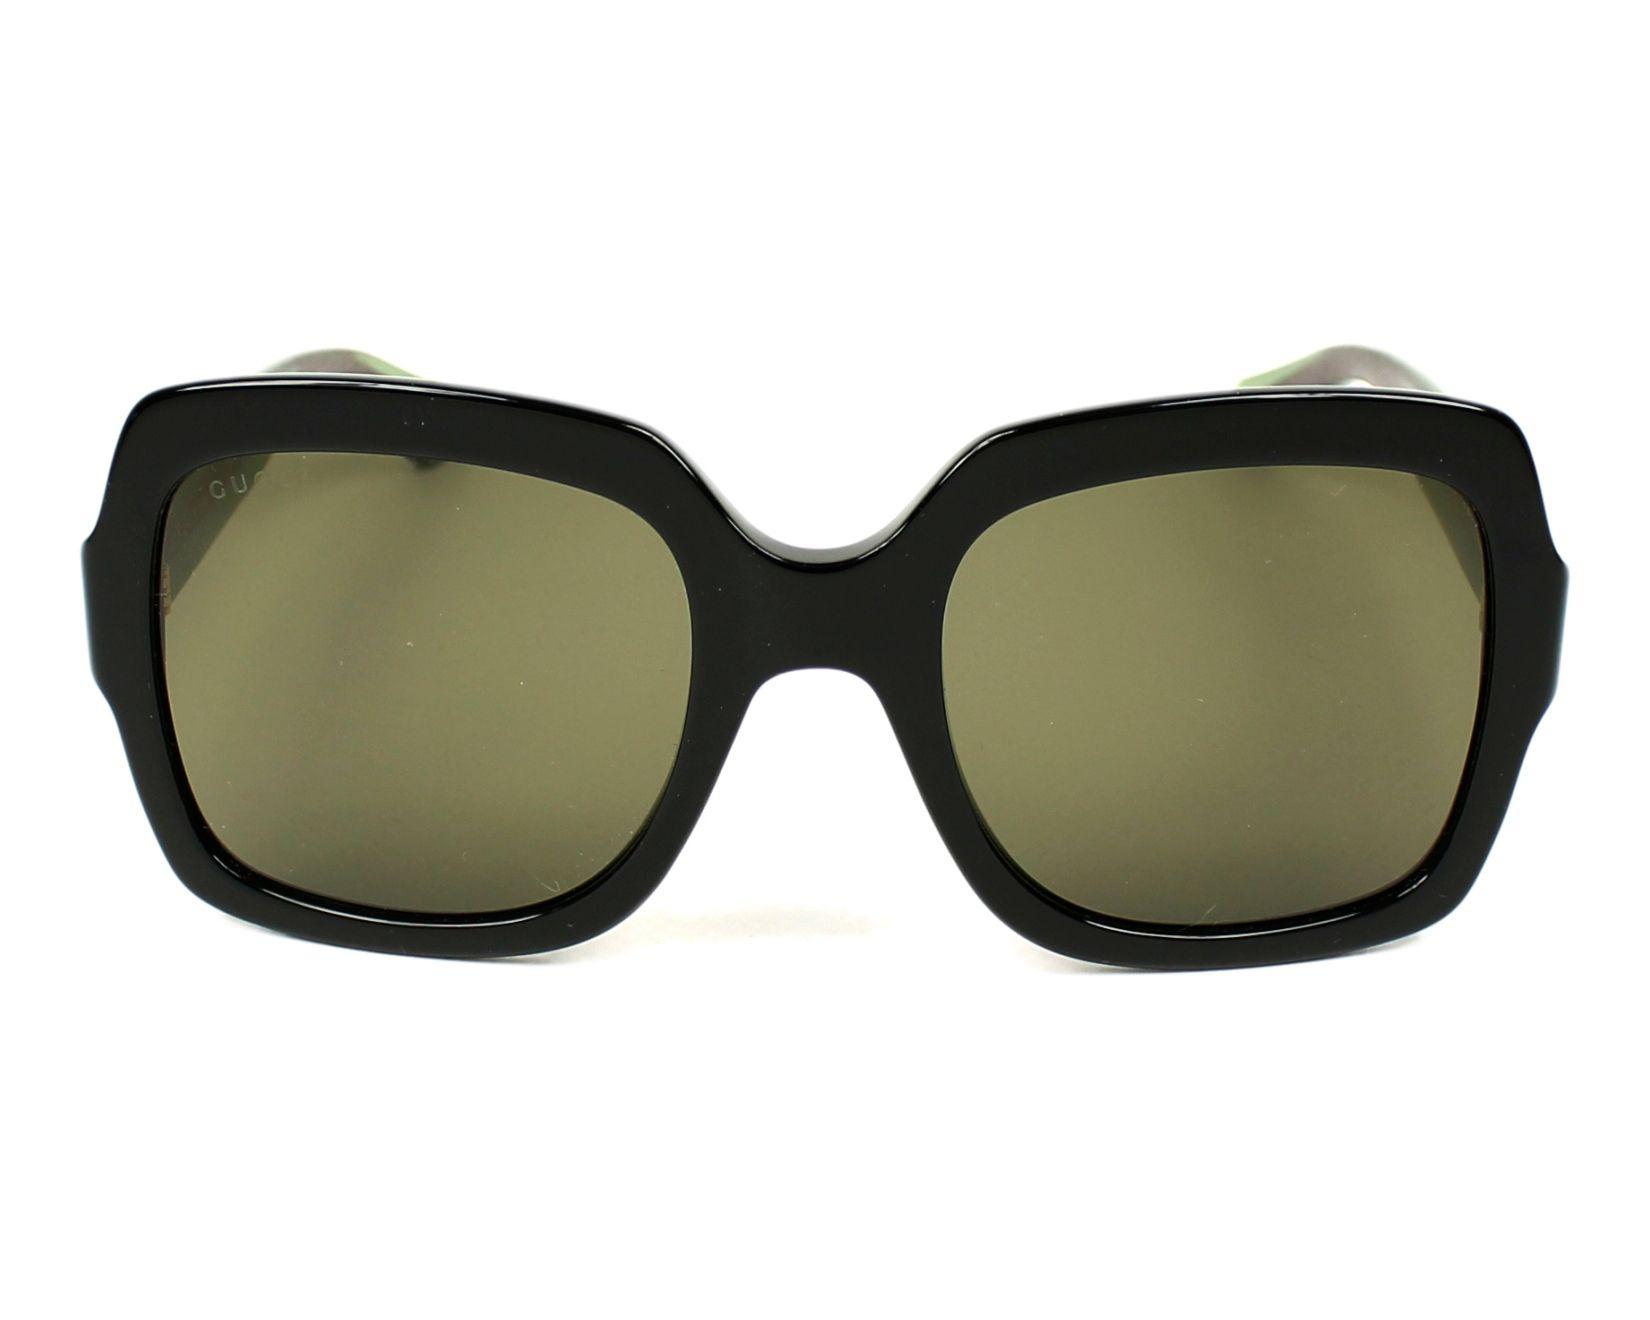 Lunettes de soleil Gucci GG-0036-S 002 54-22 Noir Vert vue 411471134ed2